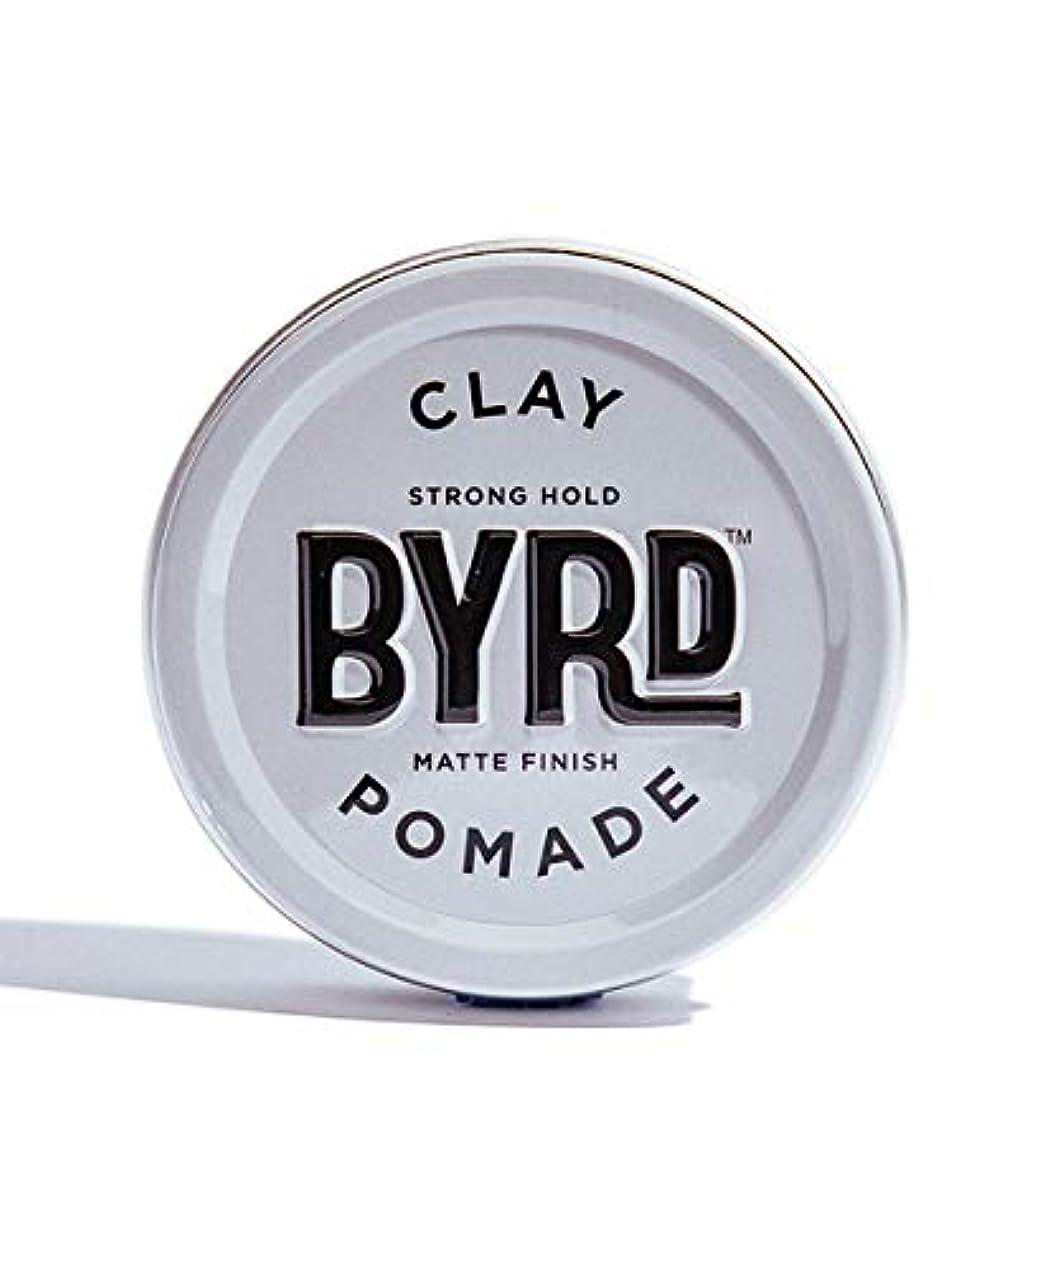 郵便番号落胆させる葉BYRD/クレイポマード 95g メンズコスメ ワックス ヘアスタイリング かっこいい モテ髪